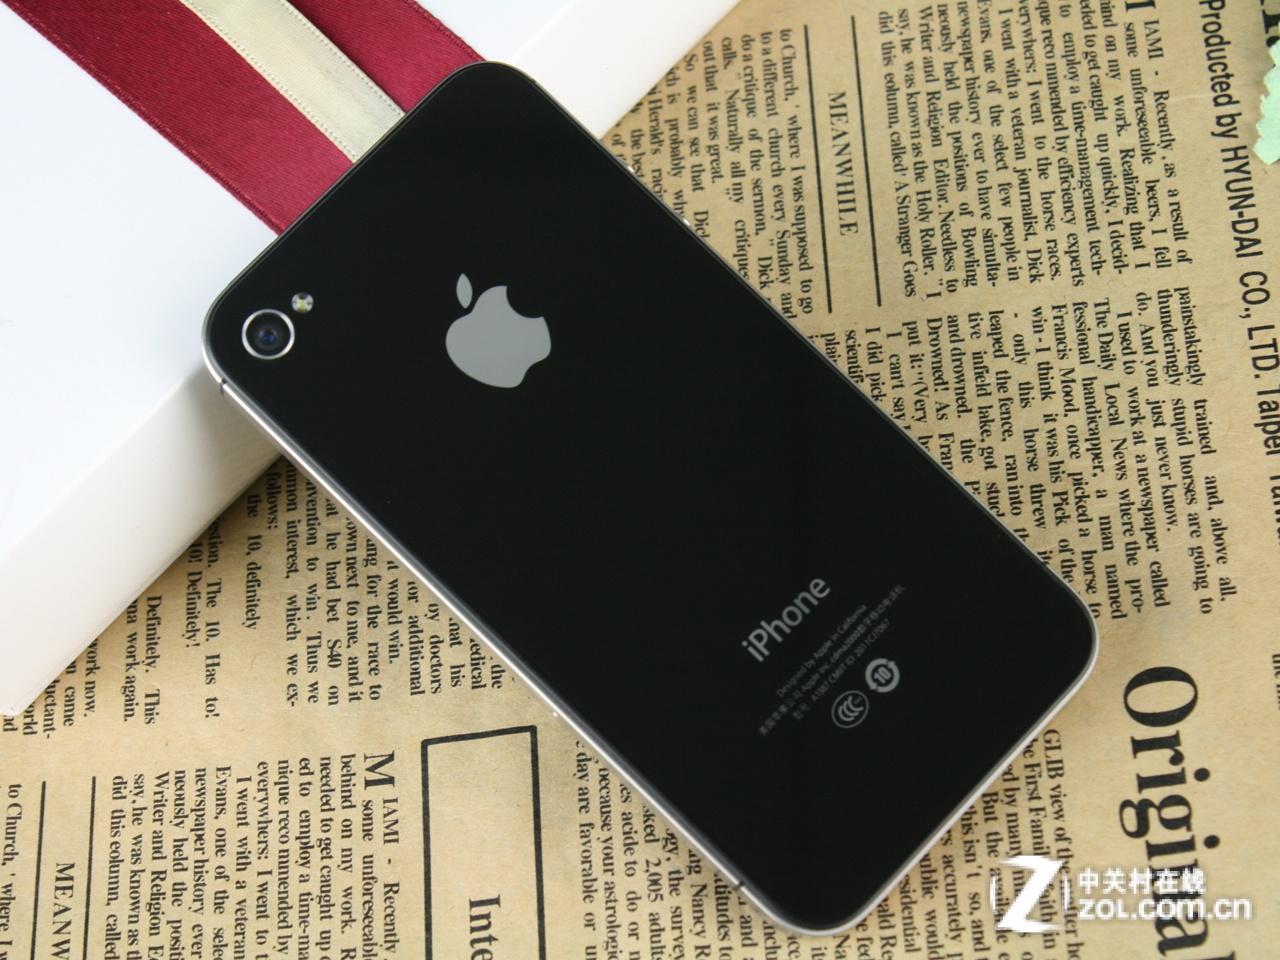 图为 苹果iPhone 4S